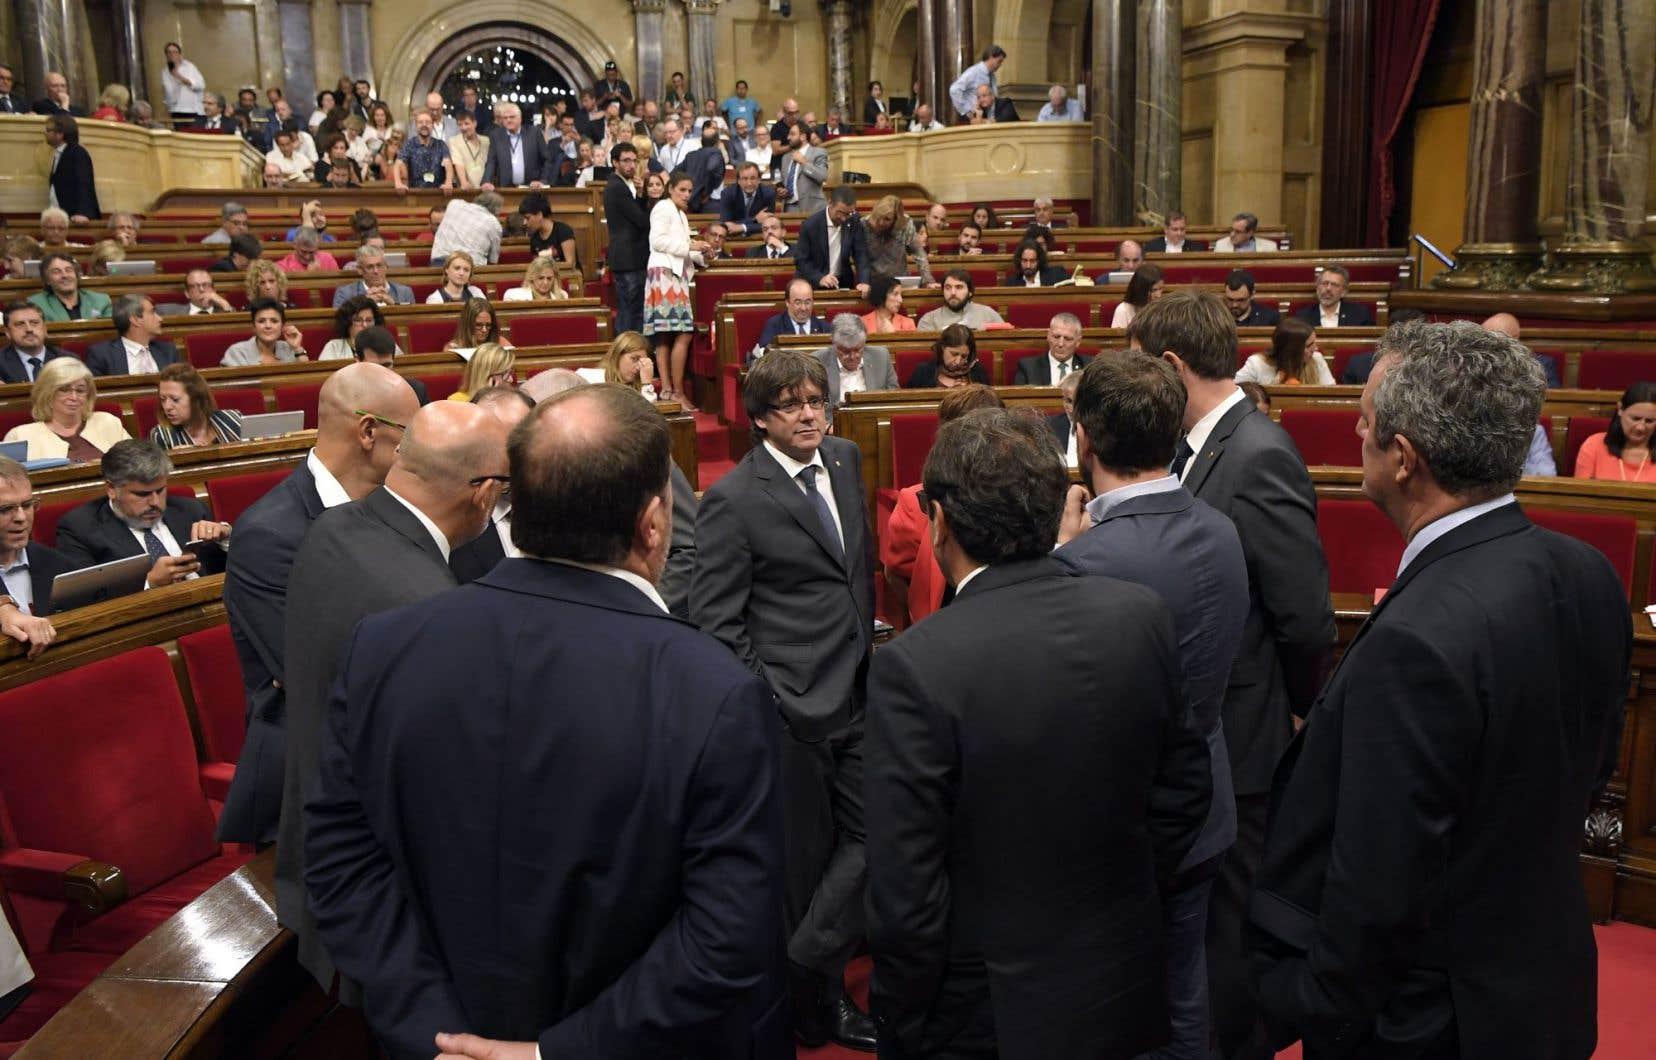 Le président catalan Carles Puigdemont, au centre, discute avec les membres de son cabinet. Après de vaines tentatives d'obtenir un référendum d'autodétermination négocié avec l'État espagnol, le gouvernement catalan a décidé d'organiser le 1eroctobre prochain un référendum unilatéral.